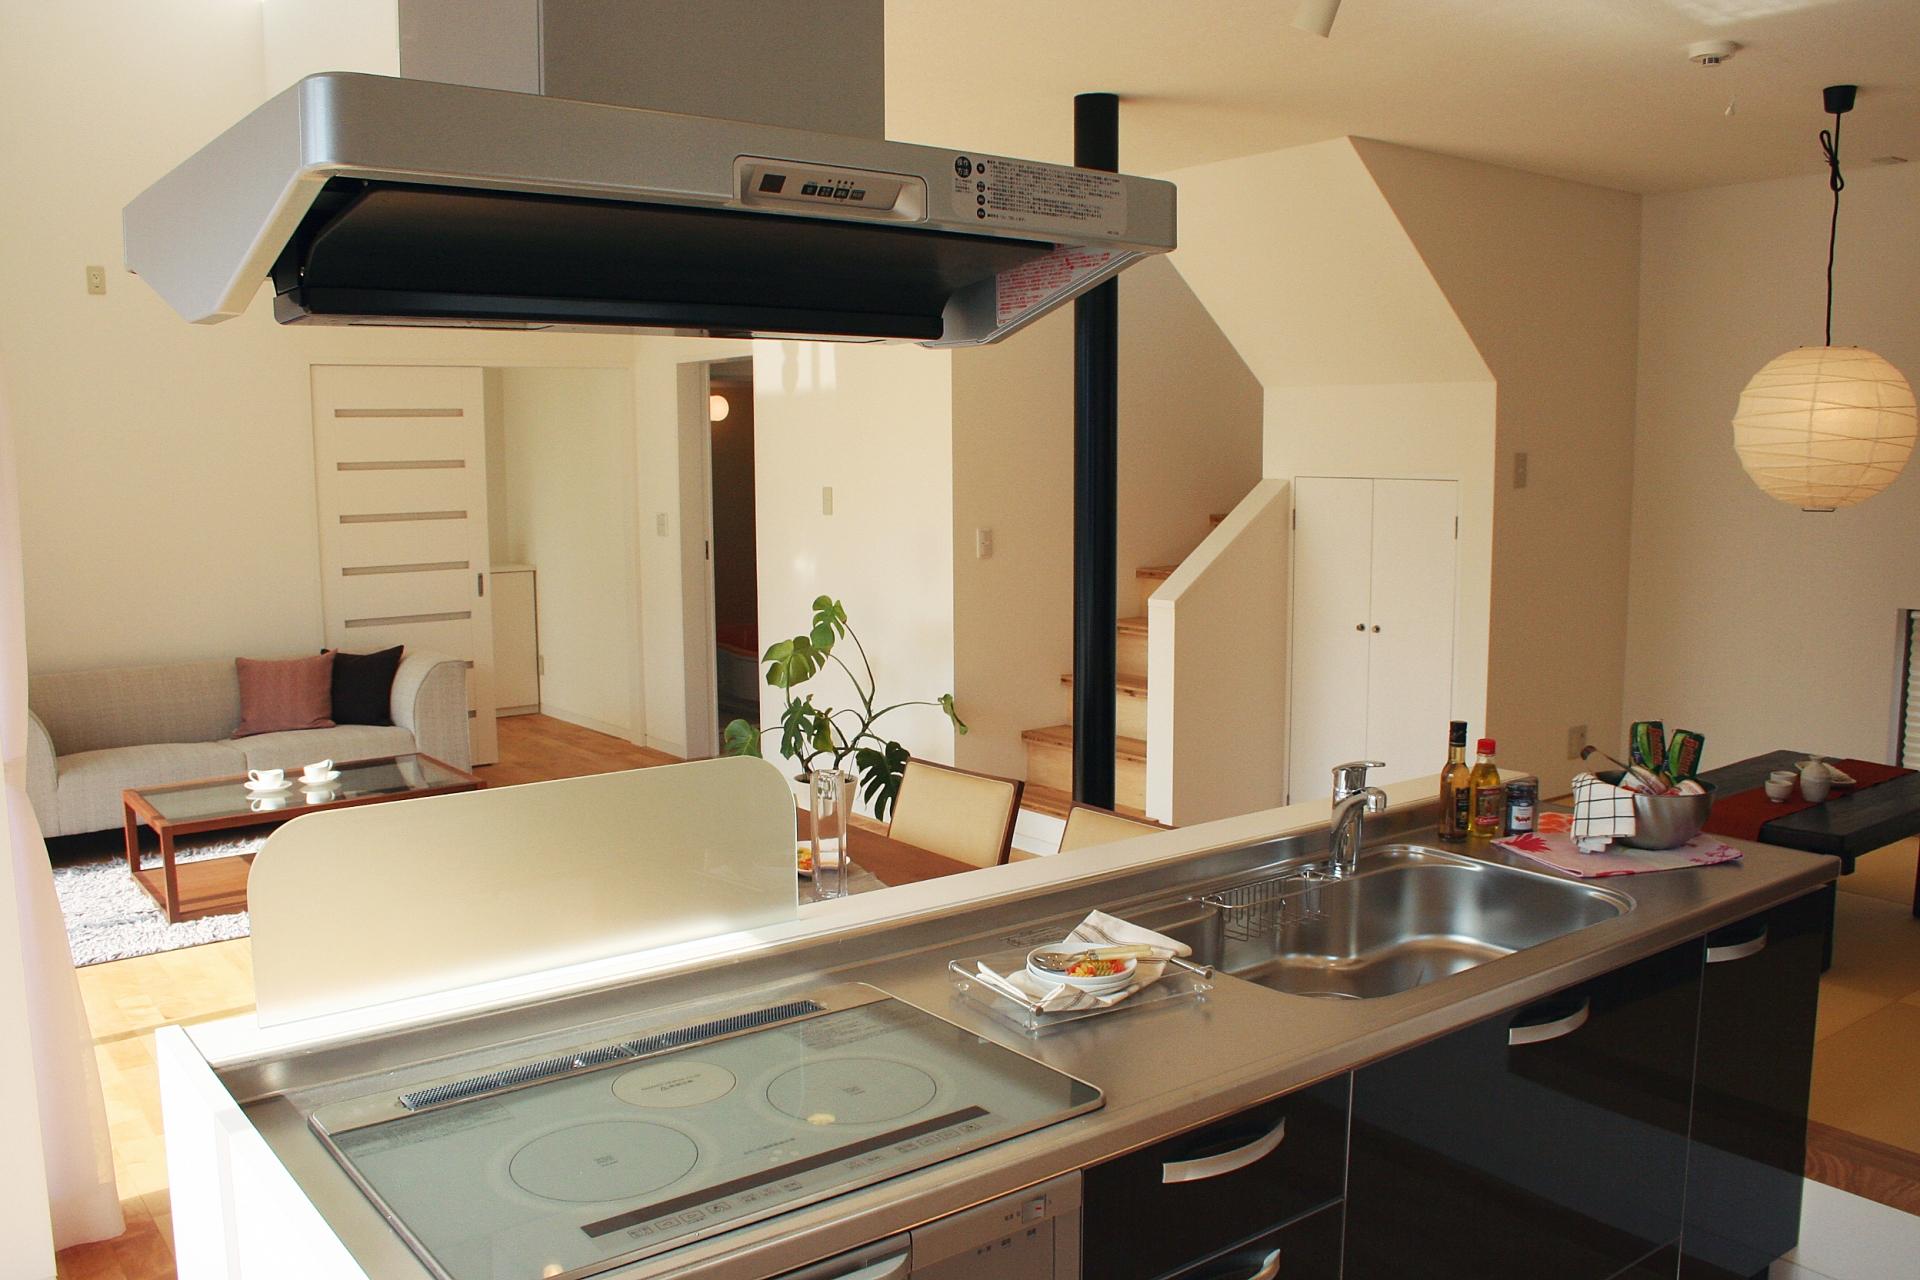 【キッチンリフォーム】誰もが悩むキッチンカウンター、素材それぞれの特徴とは?